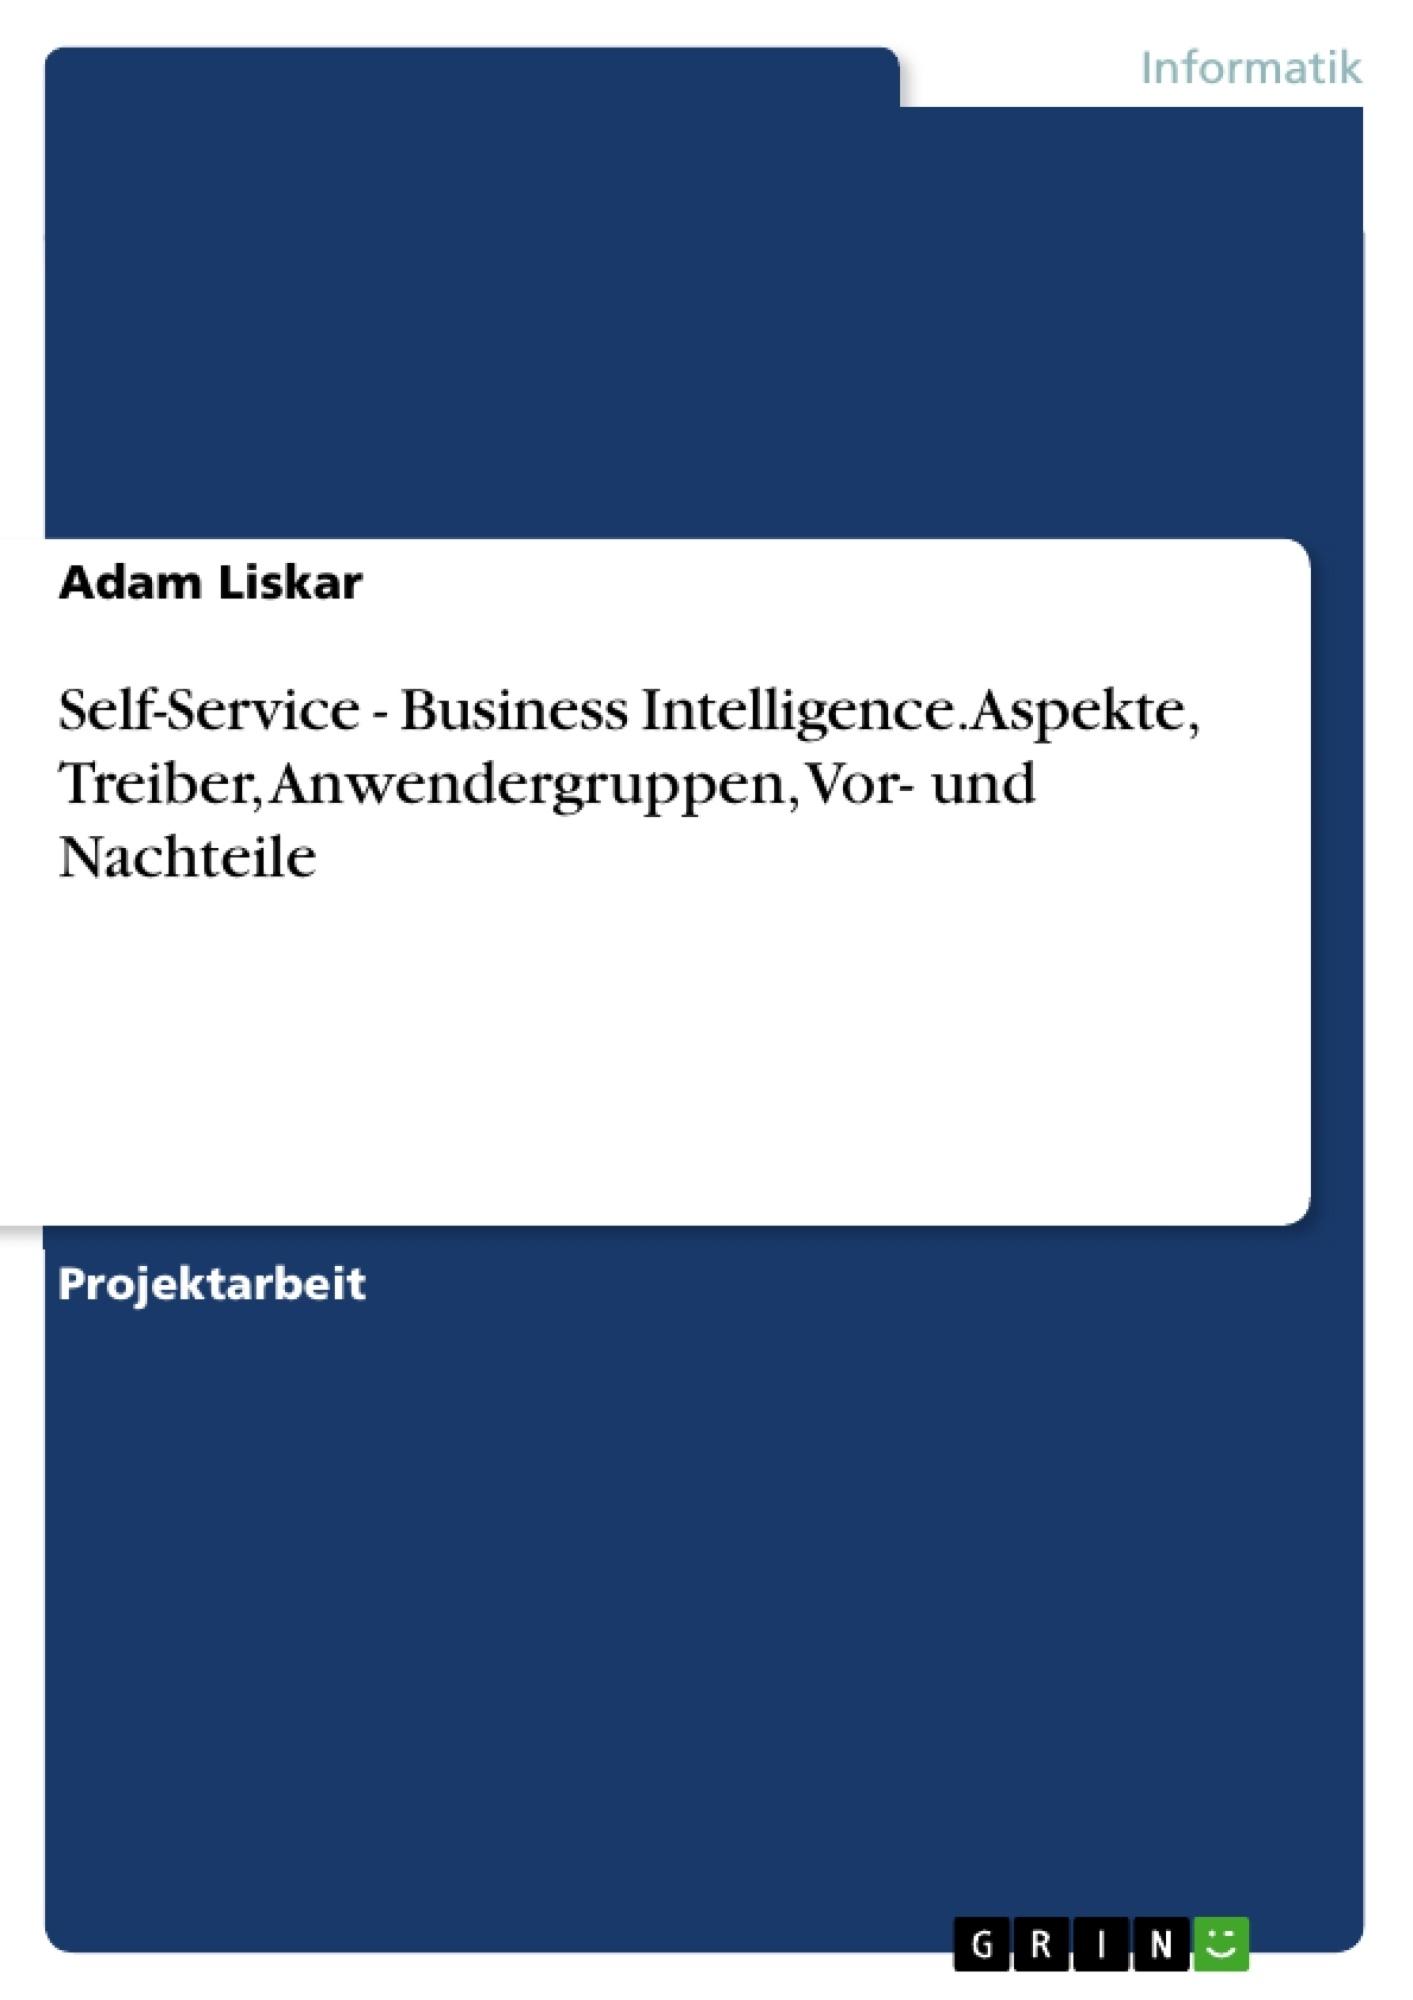 Titel: Self-Service - Business Intelligence. Aspekte, Treiber, Anwendergruppen, Vor- und Nachteile